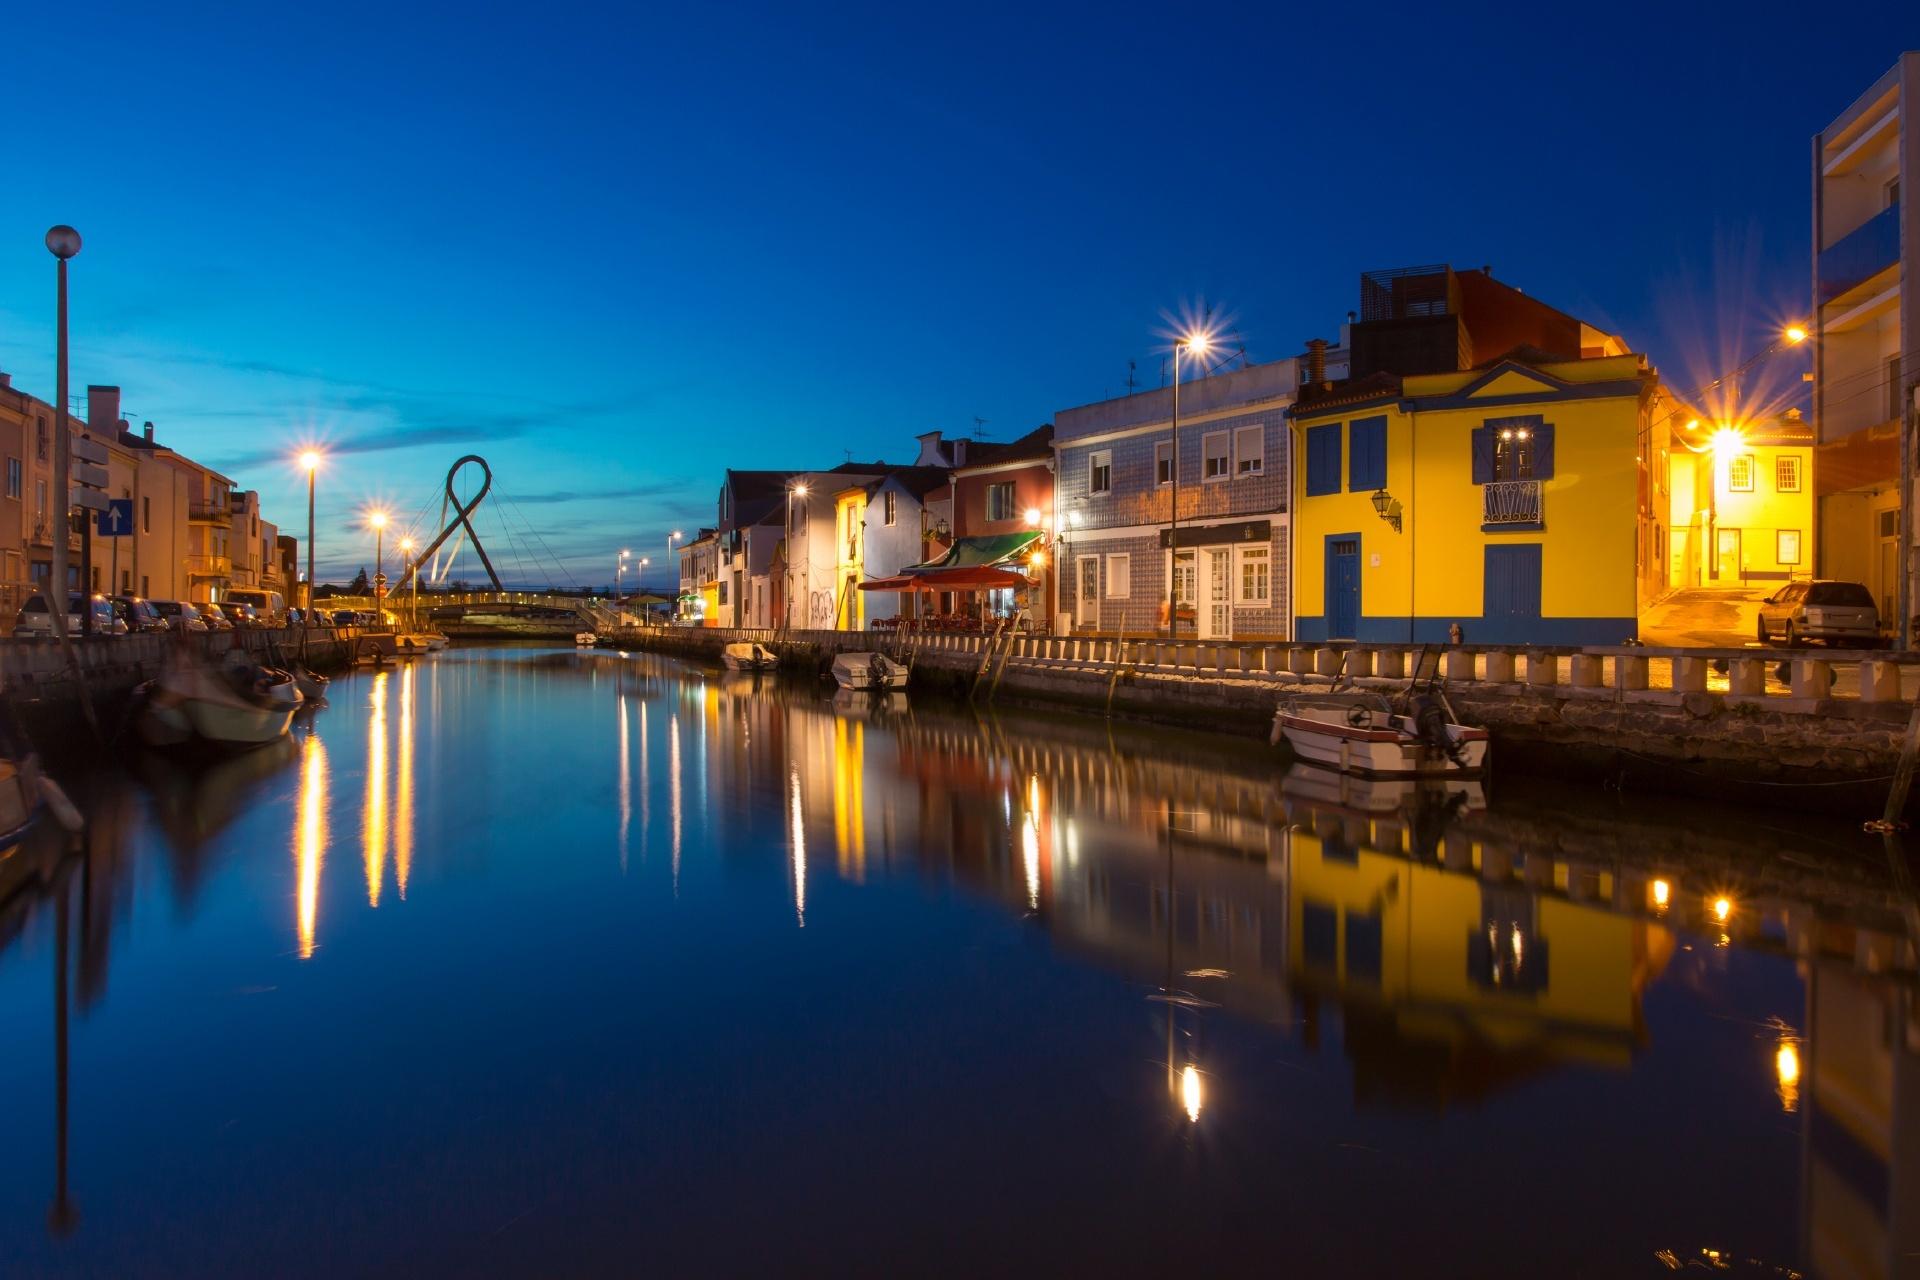 アヴェイロの運河と夜の風景 ポルトガルの風景